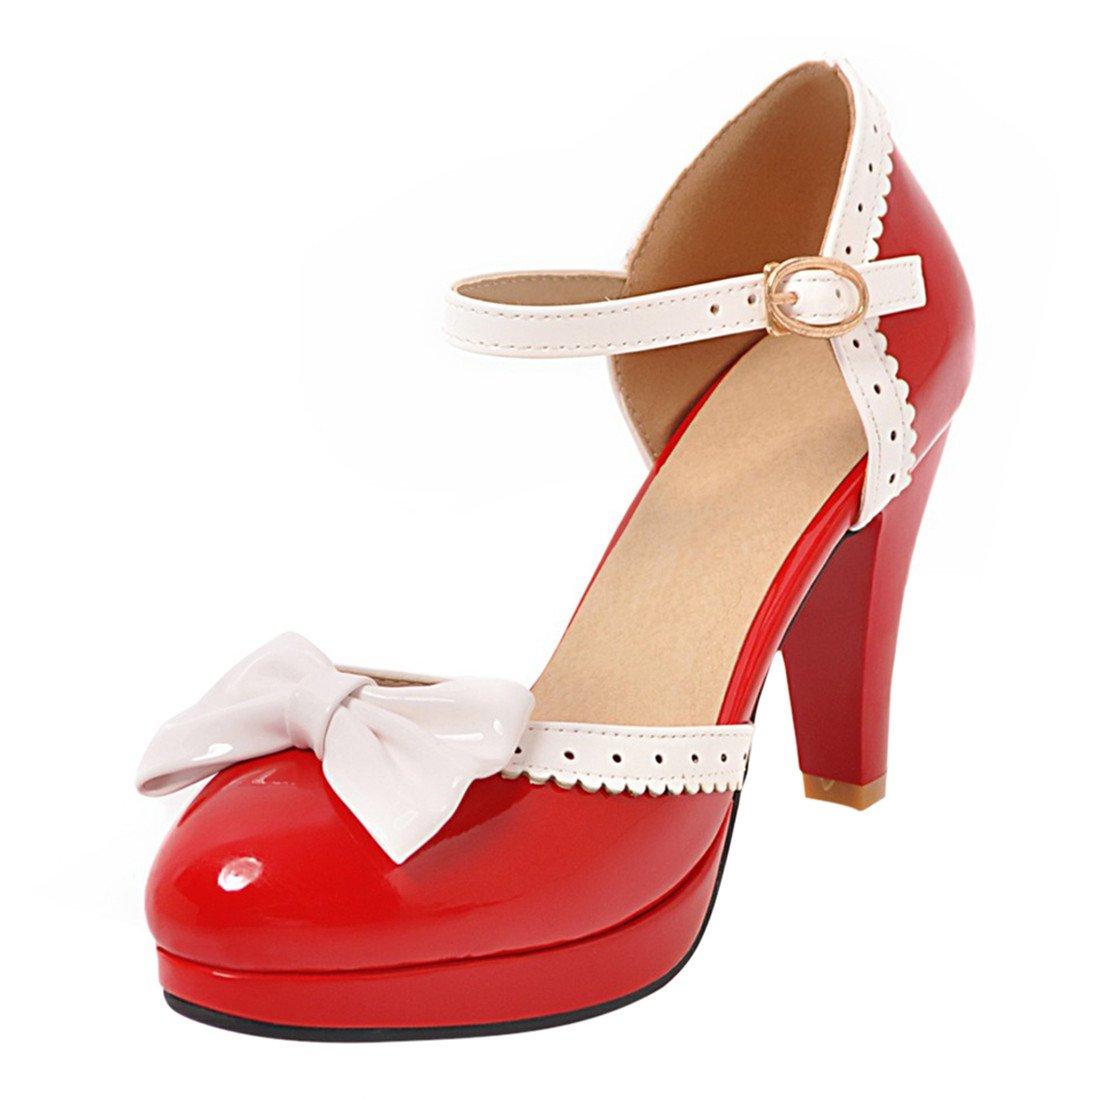 YE Damen Ankle Strap Pumps Rockabilly Lack High Heels Blockabsatz Geschlossen mit Riemchen und Schleife Elegant Süß Schuhe  35 EU|Rot